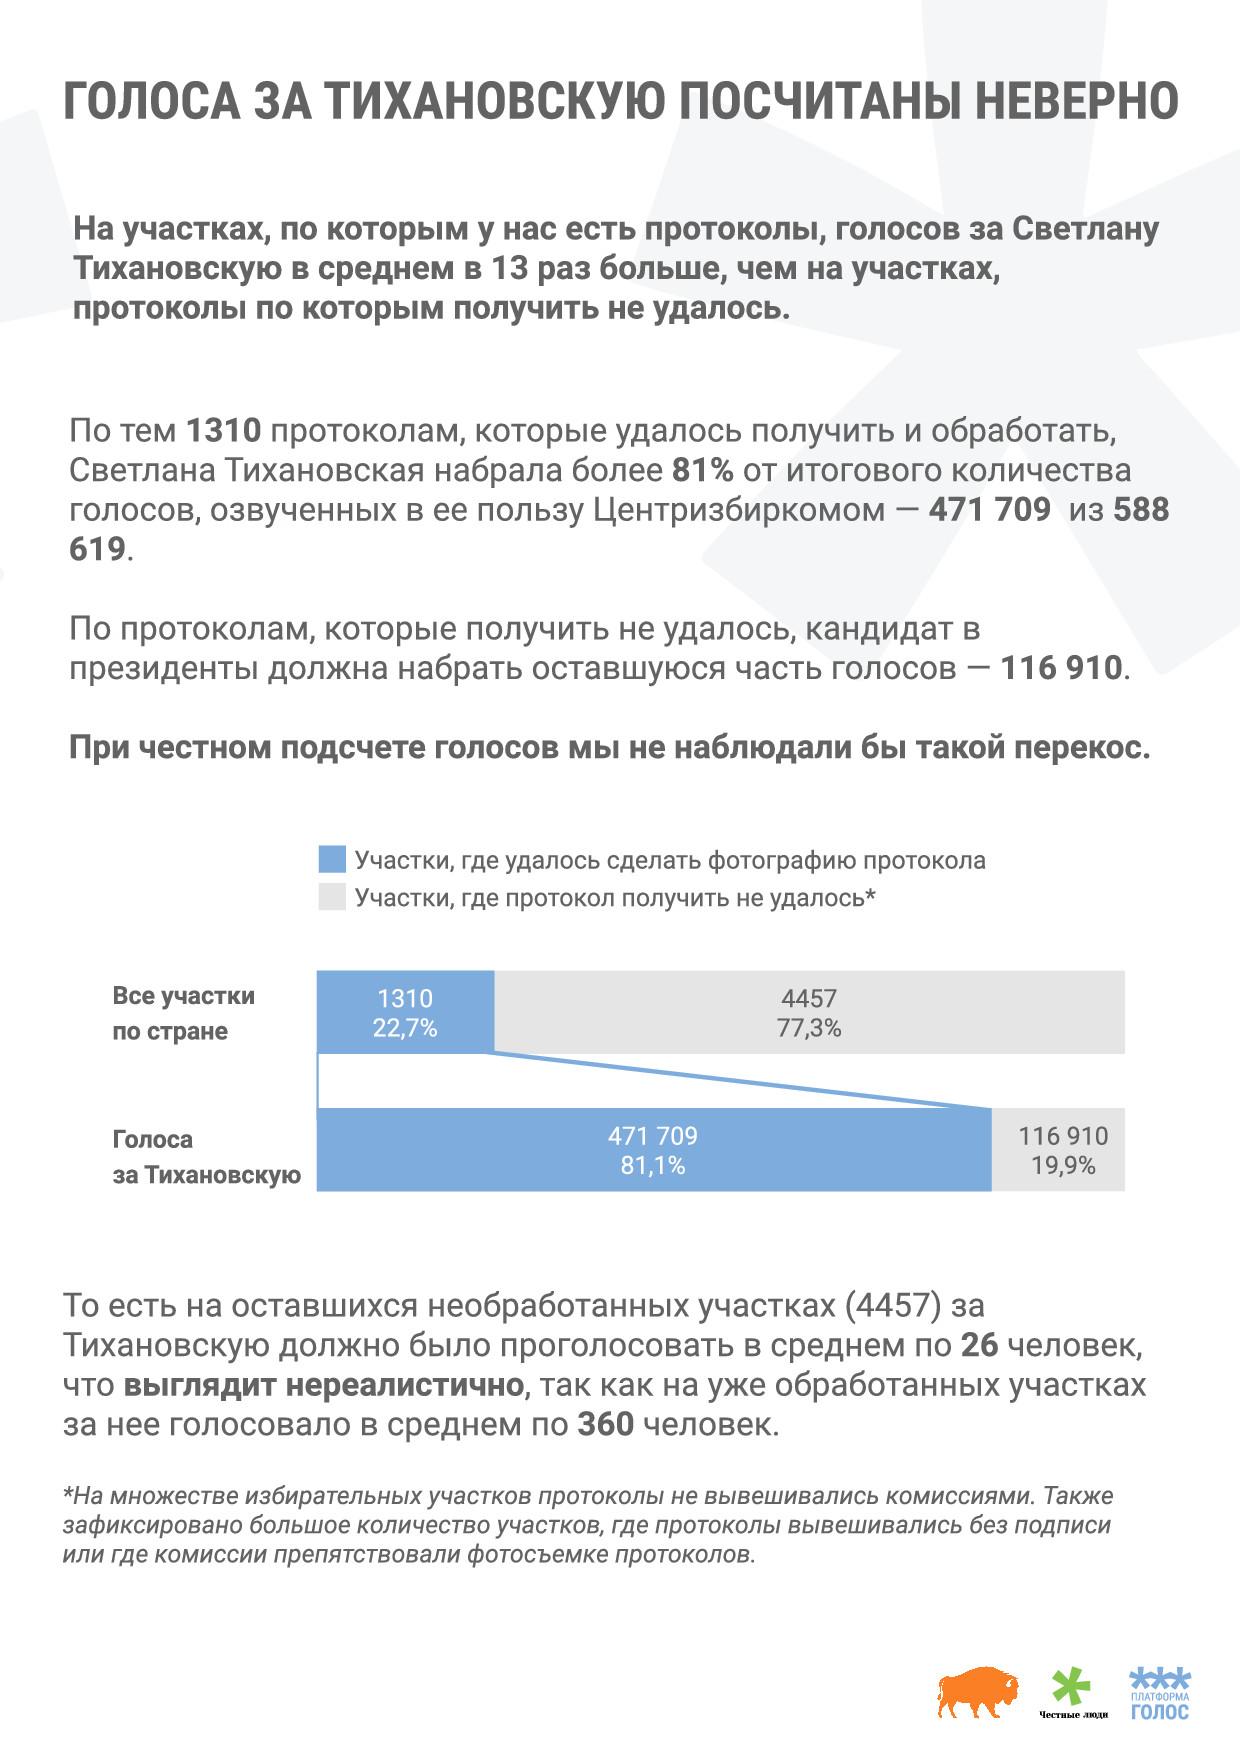 фрагмент итогового отчета о выборах президента республики Беларусь по данным платформ «Голос», «Зубр» и сообщества «Честные люди»